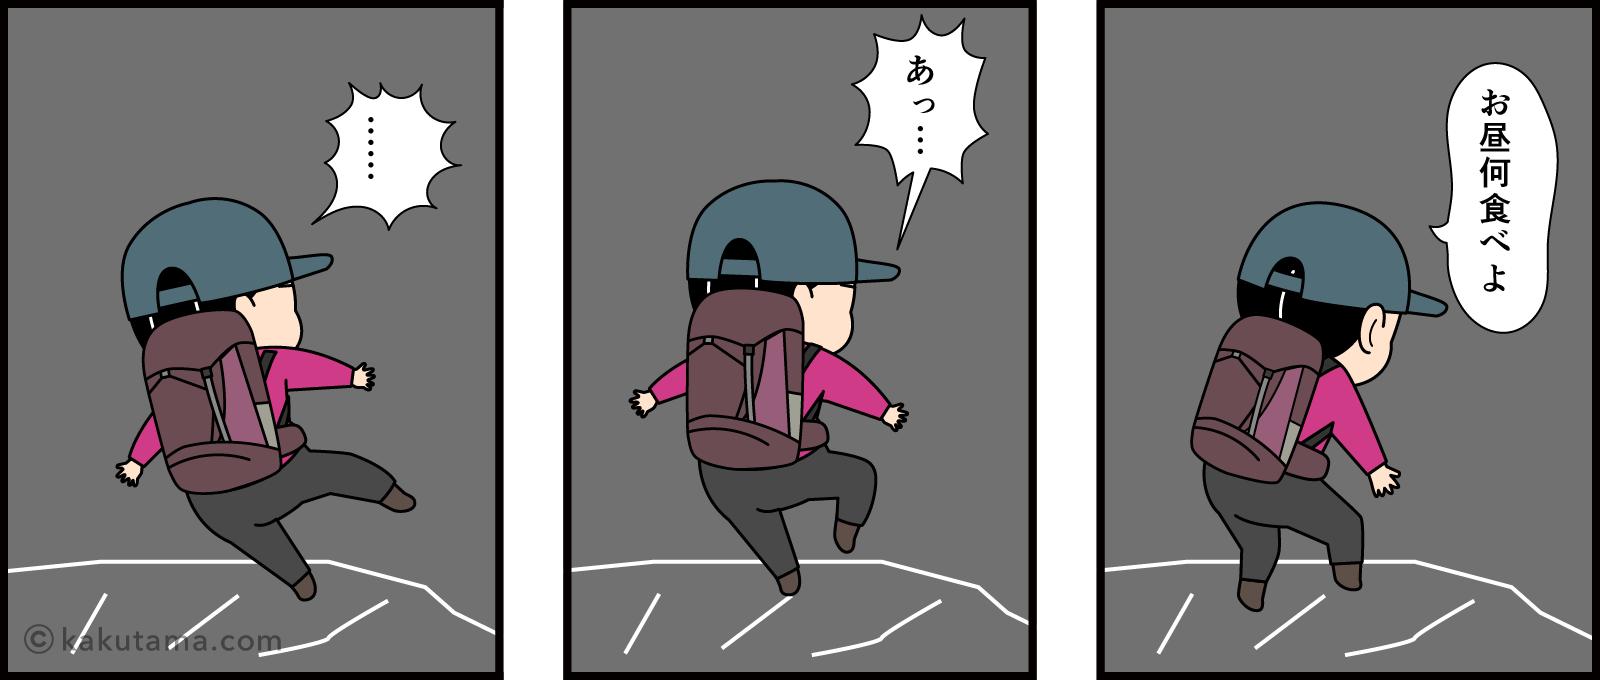 石尾根を気を抜いて歩いている漫画